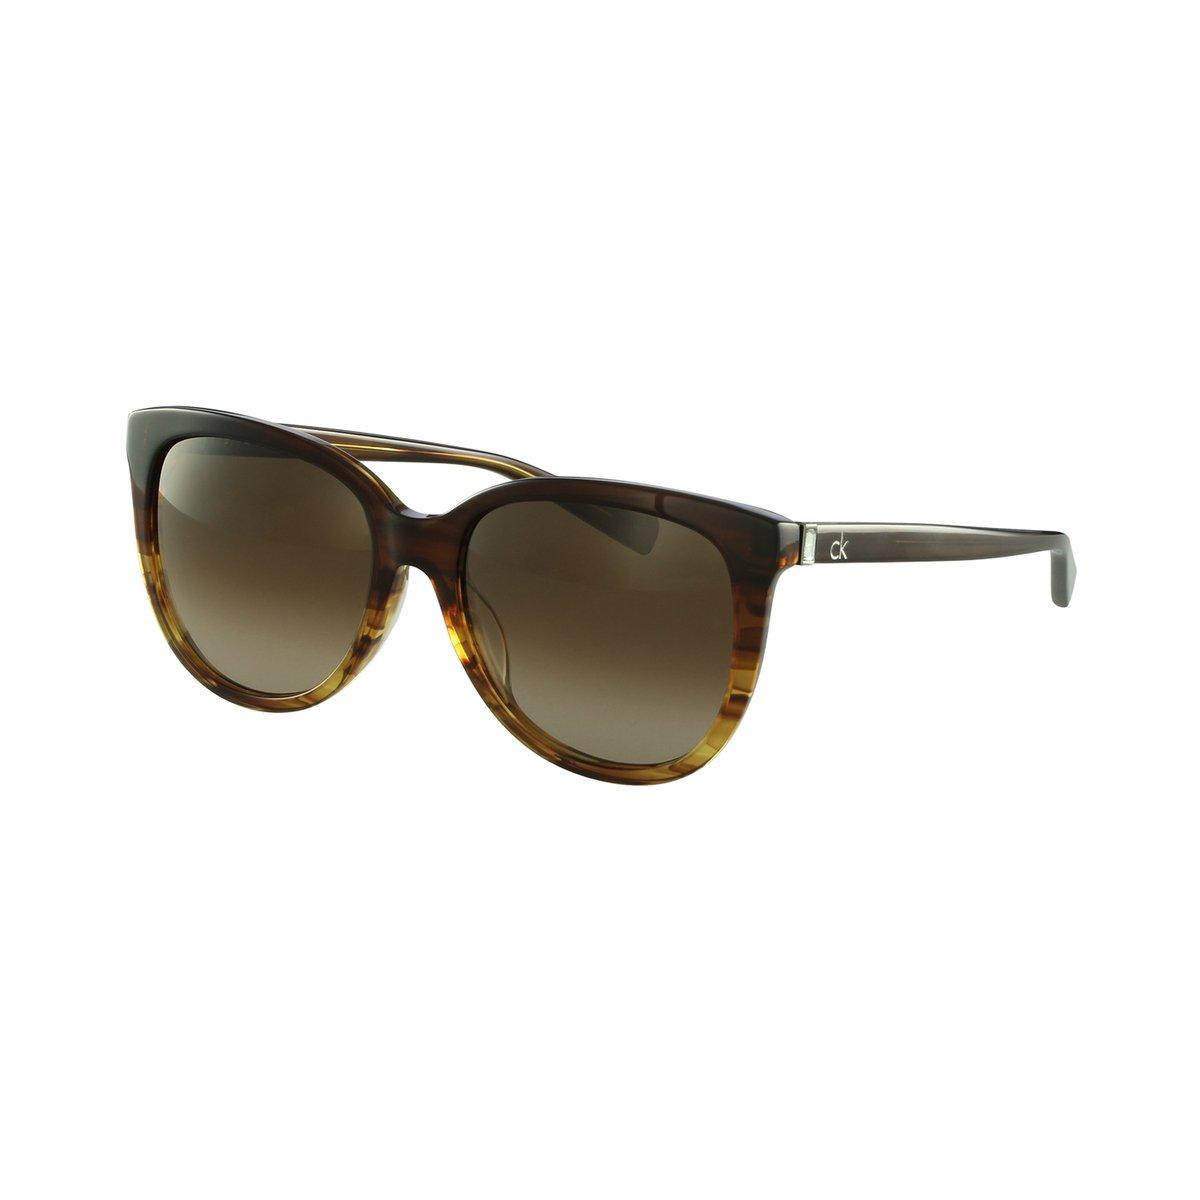 a932818f50109 Óculos de Sol Calvin Klein Casual Marrom - Compre Agora   Netshoes